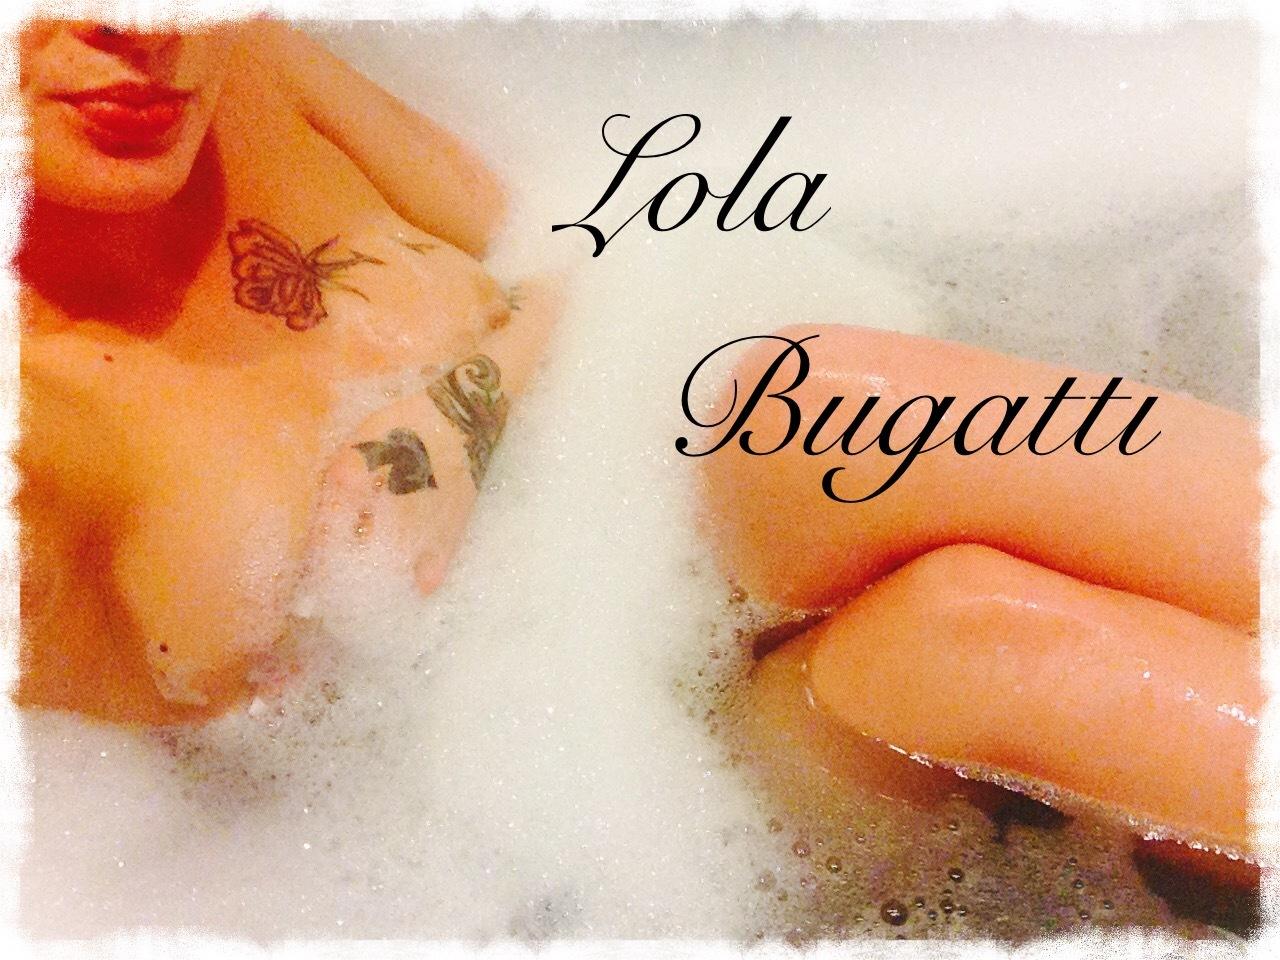 Lola Bugatti